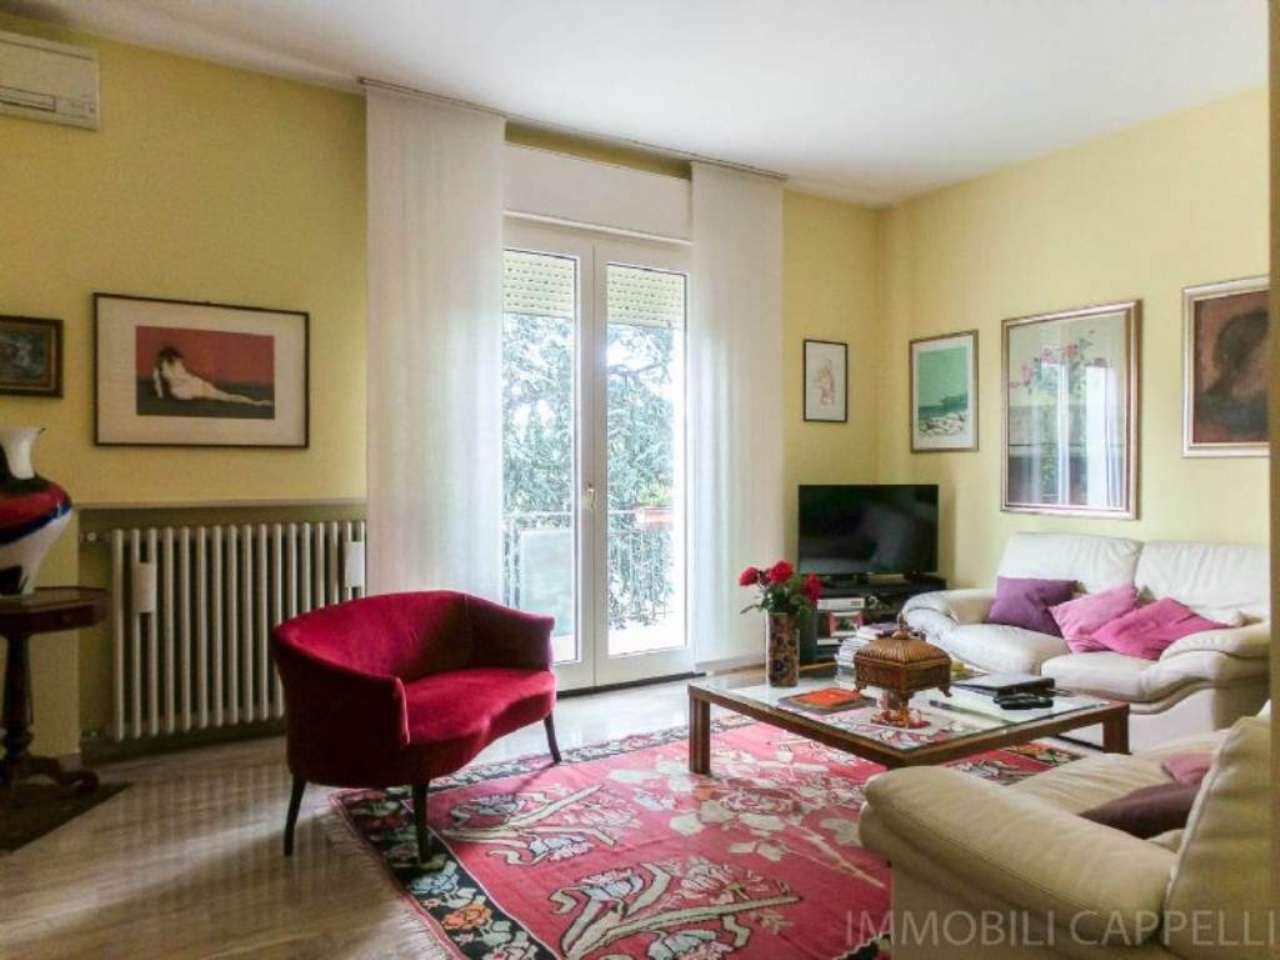 Appartamento in vendita a Cesena, 8 locali, prezzo € 255.000 | CambioCasa.it